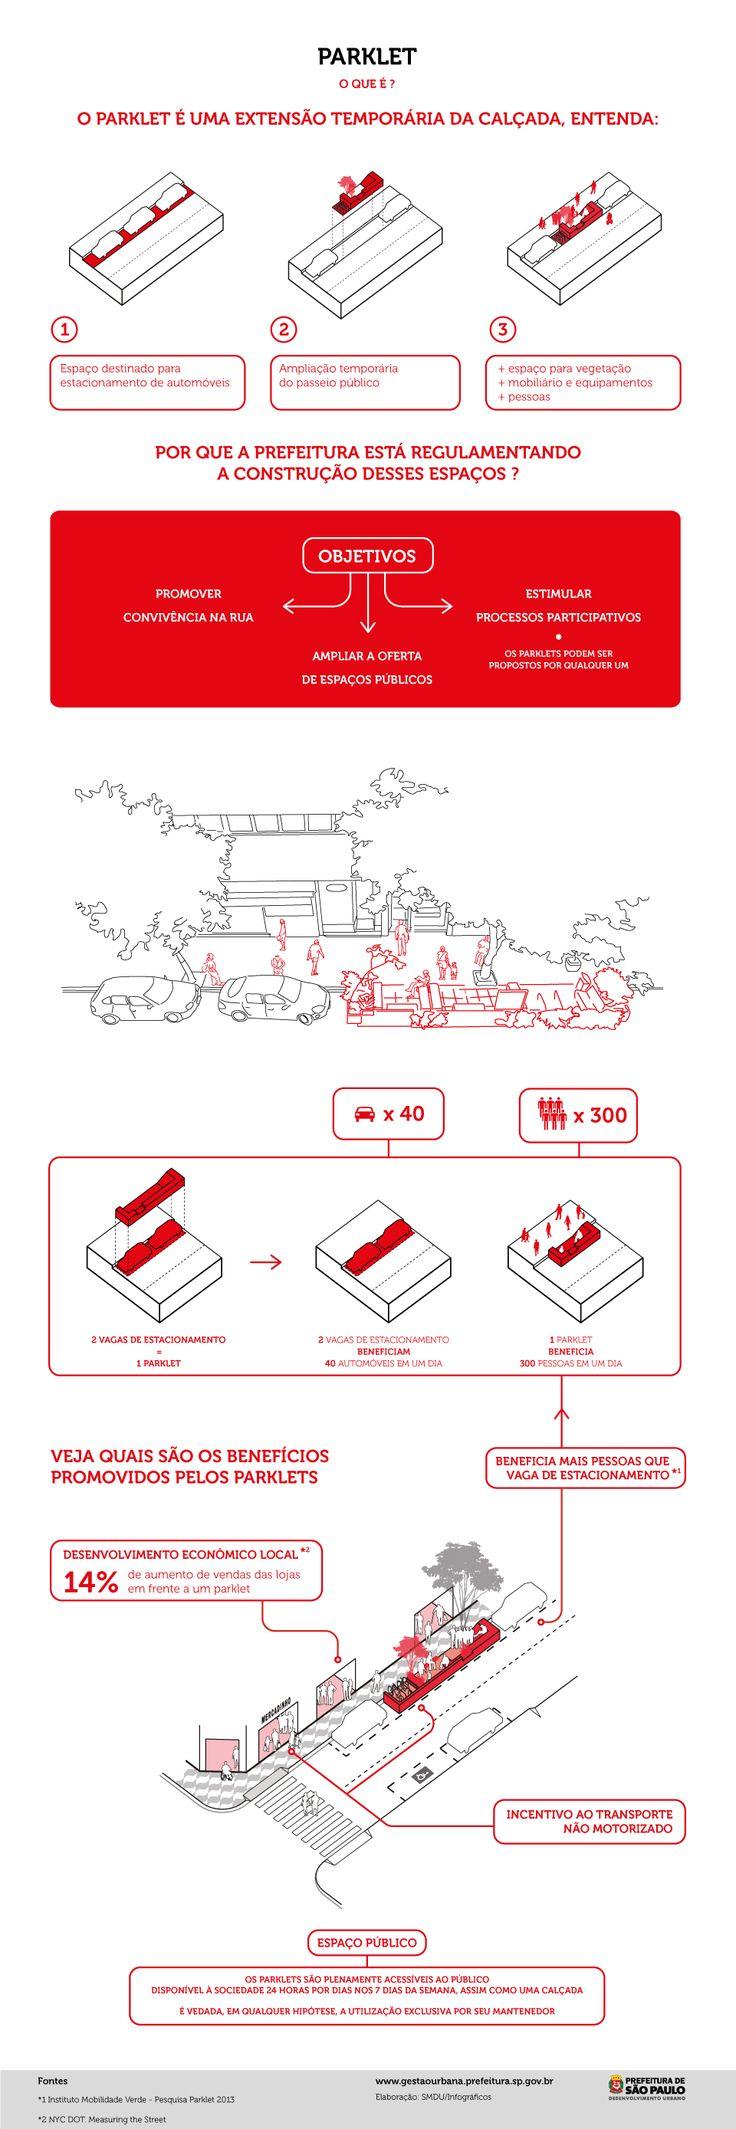 Um manual de parklets para São Paulo | TheCityFix Brasil